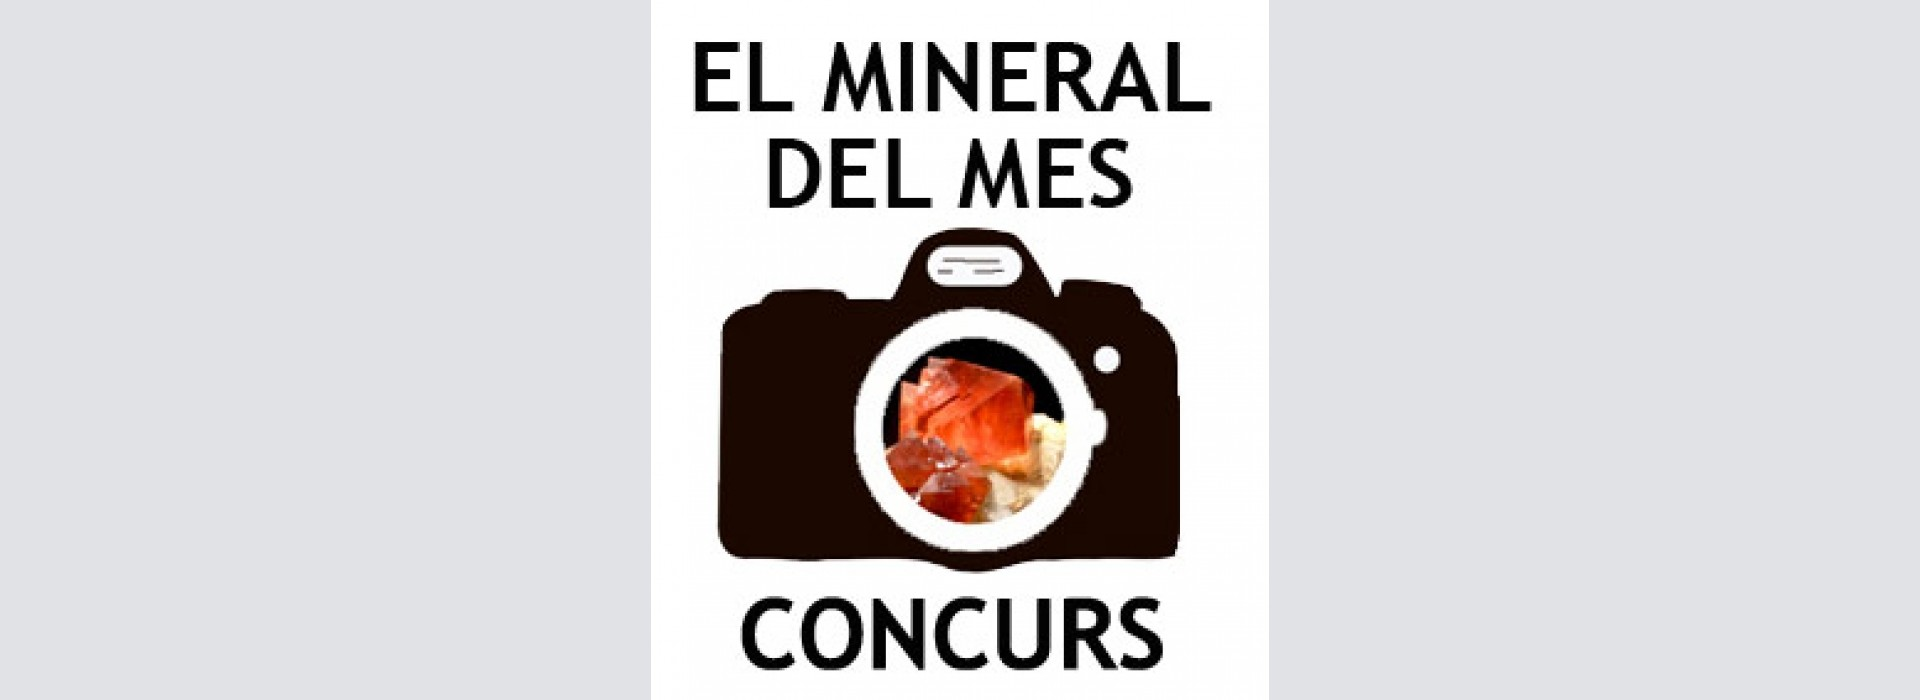 """Concurs """"El mineral del mes"""" - Març 2018."""